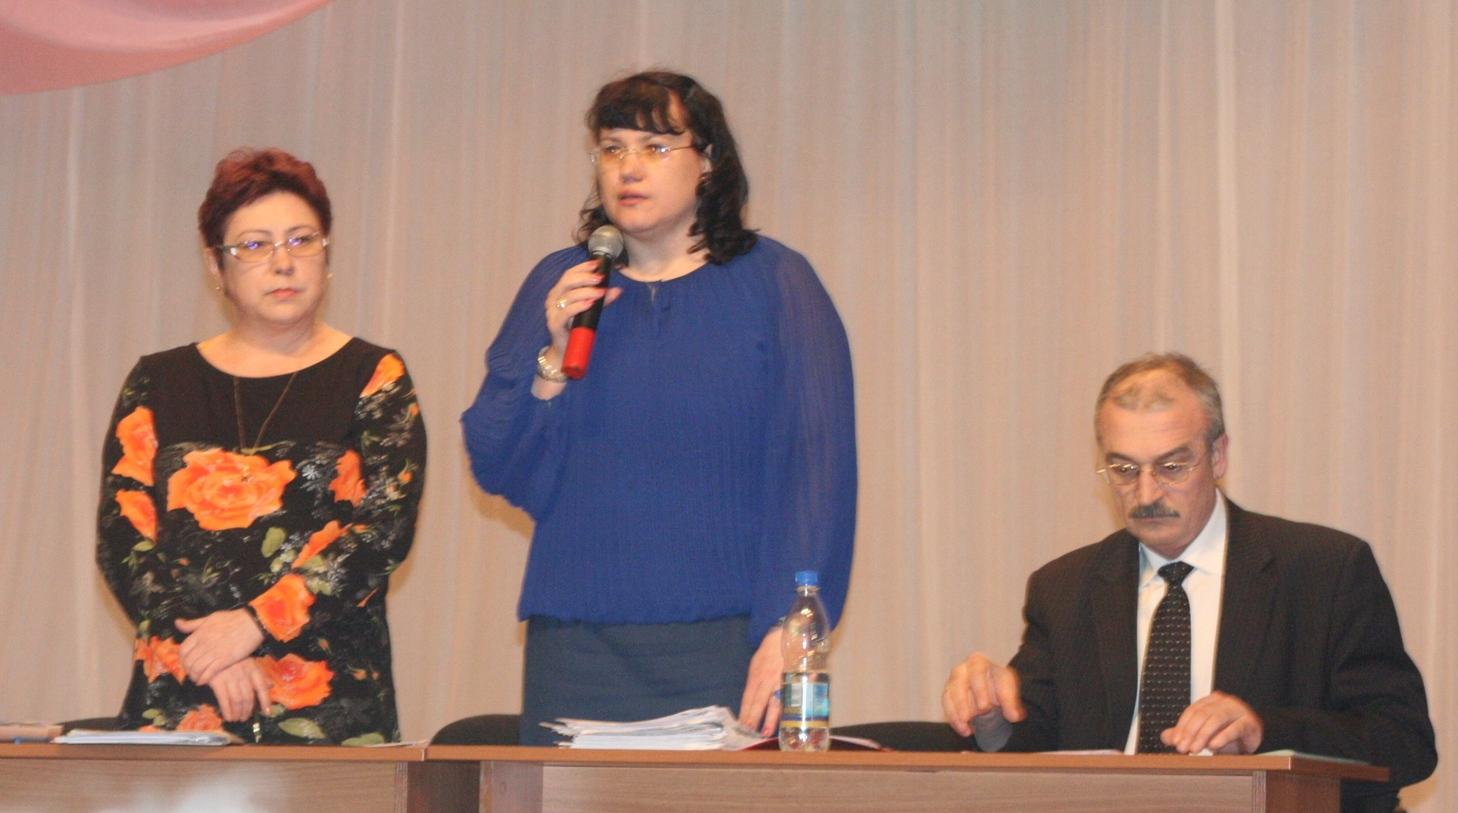 Н.Смарагдова, И.Петрова, Е.Божко